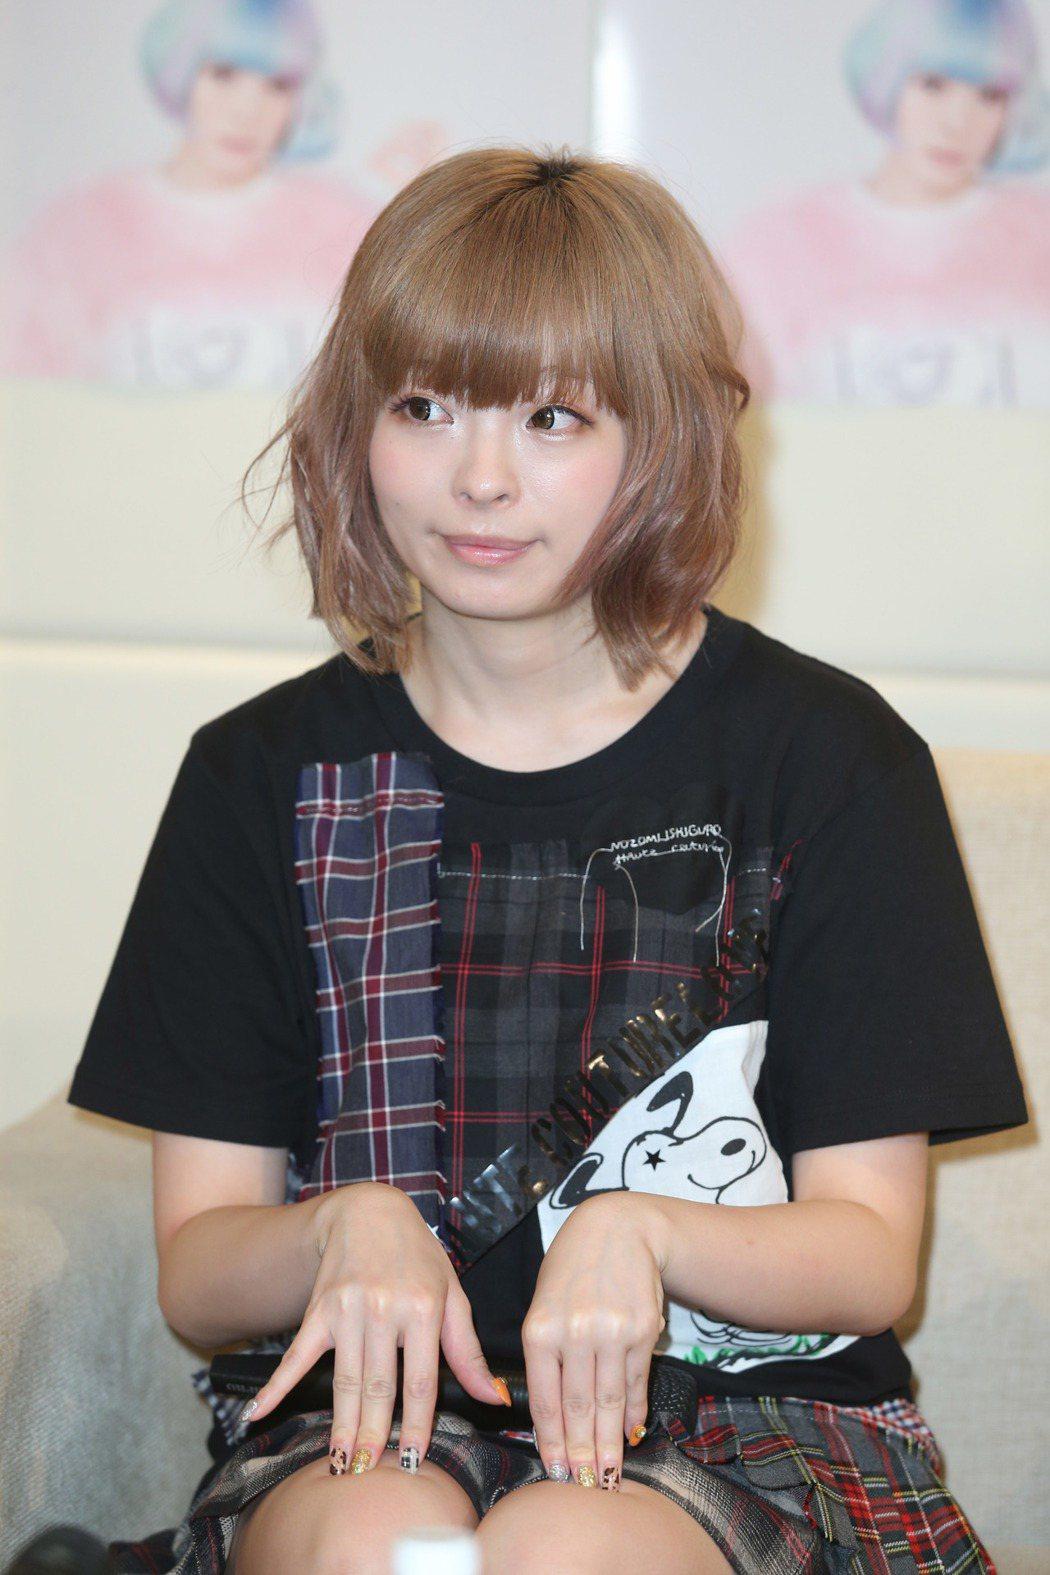 日本歌手卡莉怪妞。 聯合報系資料照片  記者陳瑞源/攝影